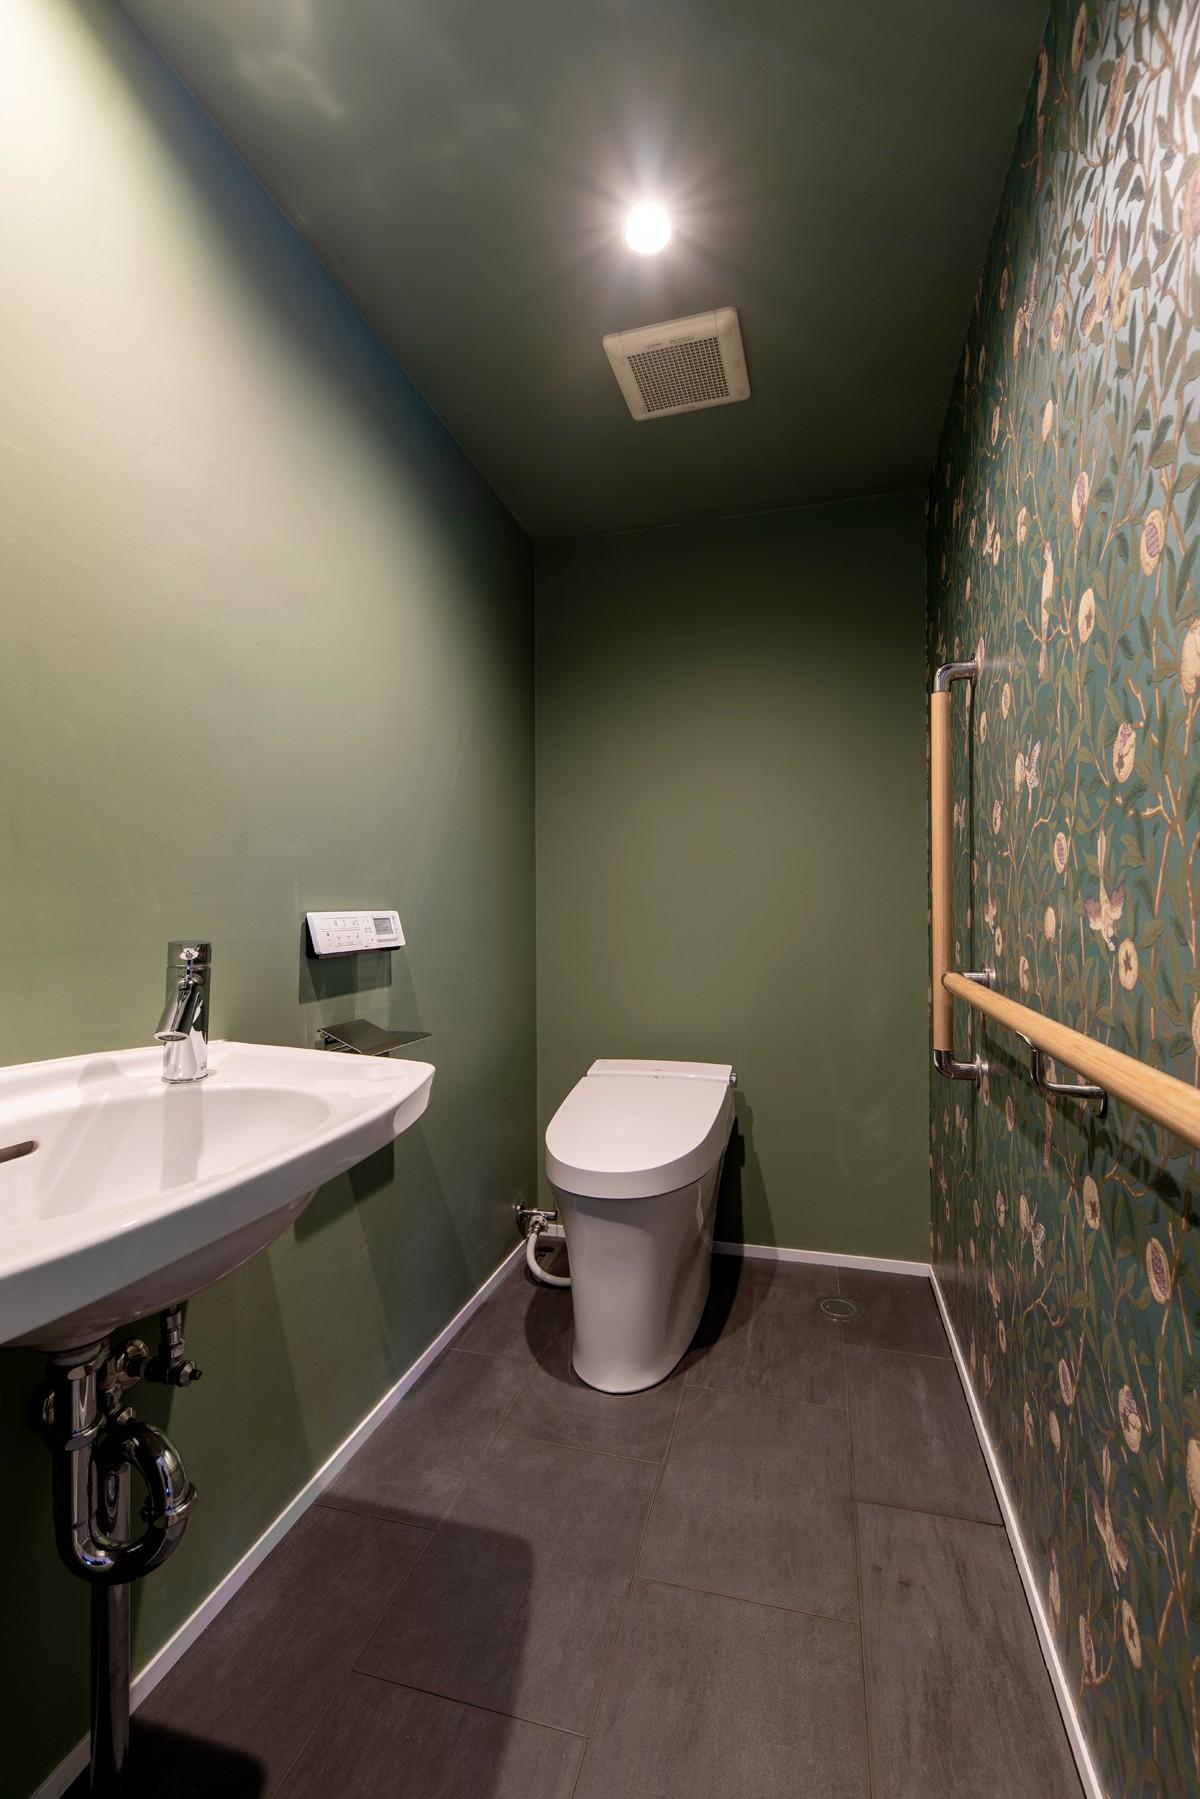 バス/トイレ事例:ウィリアム・モリスの壁紙(パノラマLDK12400)